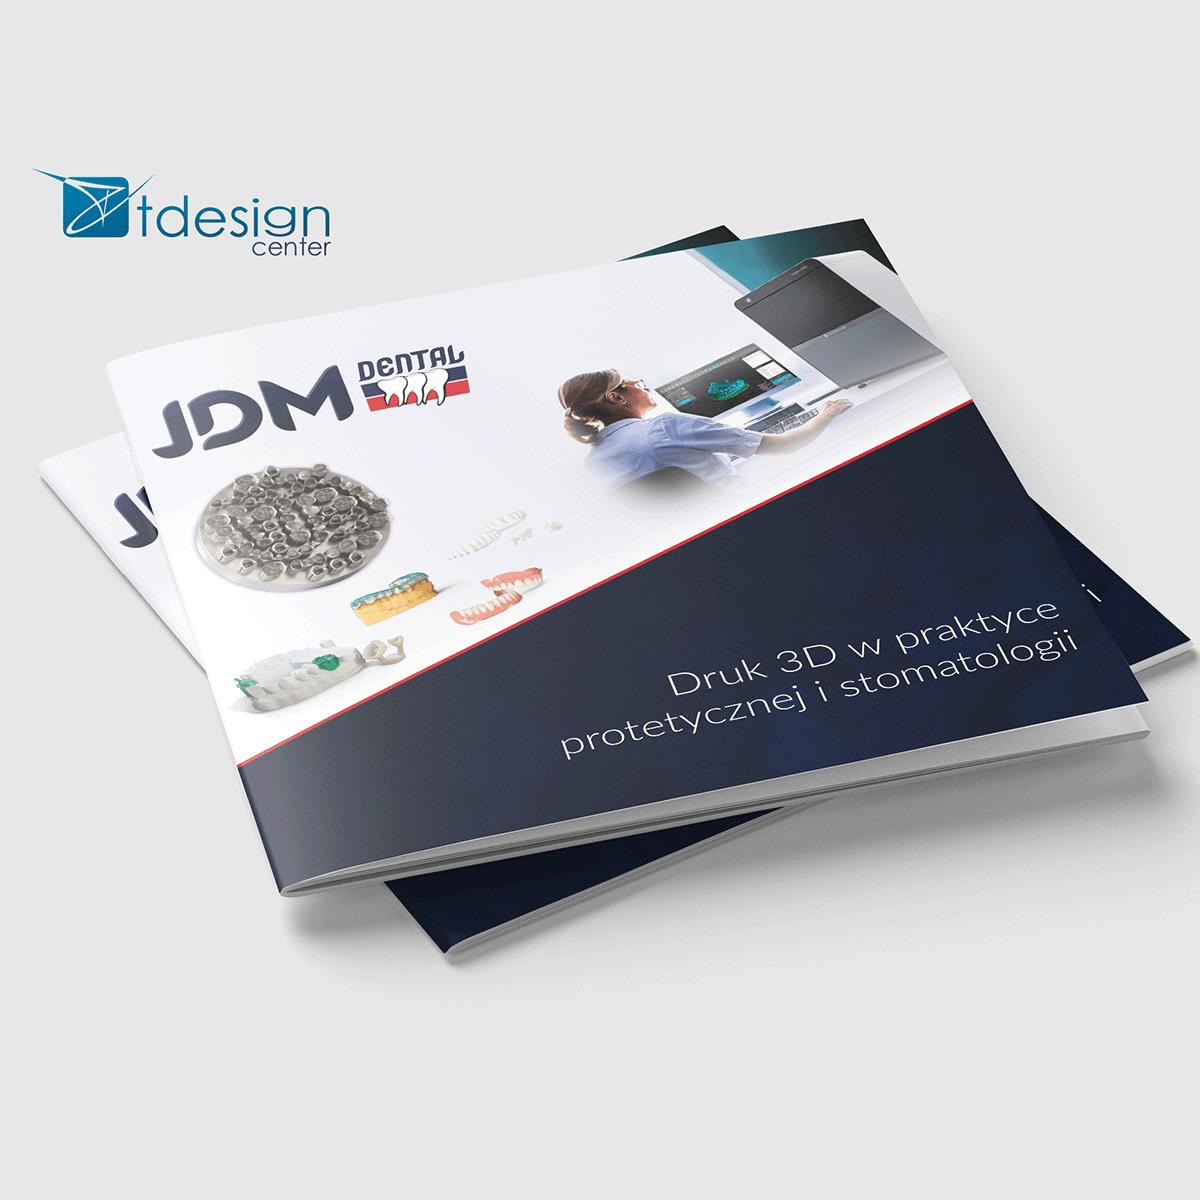 Skład DTP, katalog JDM 16 str., wraz z drukiem